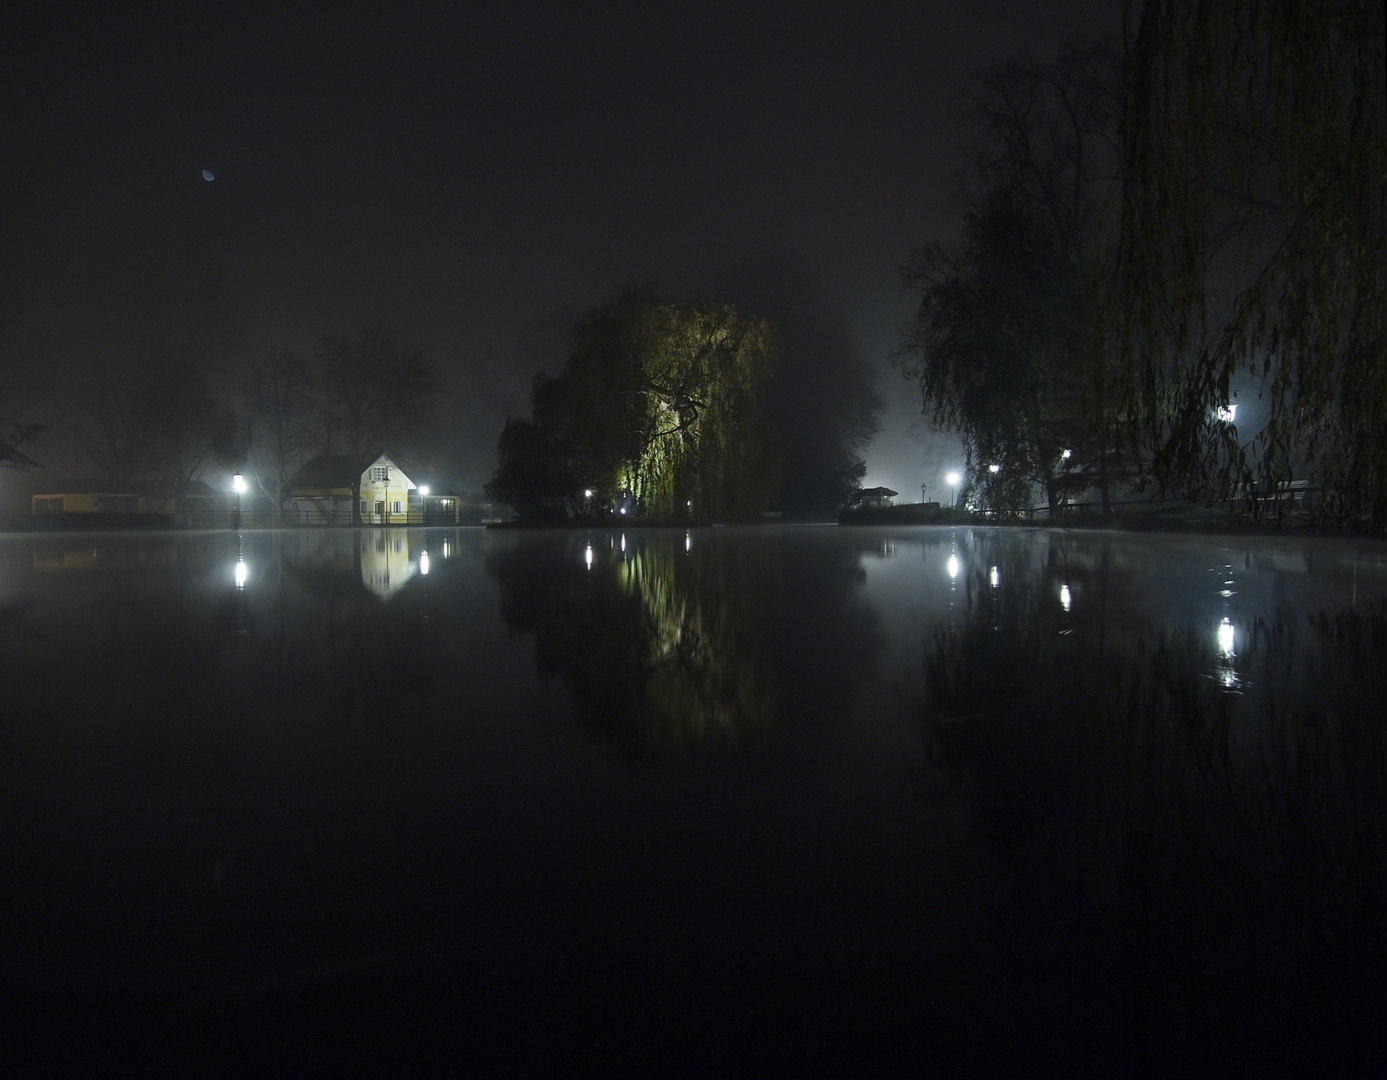 Nacht & Nebel, Lichter & Mond